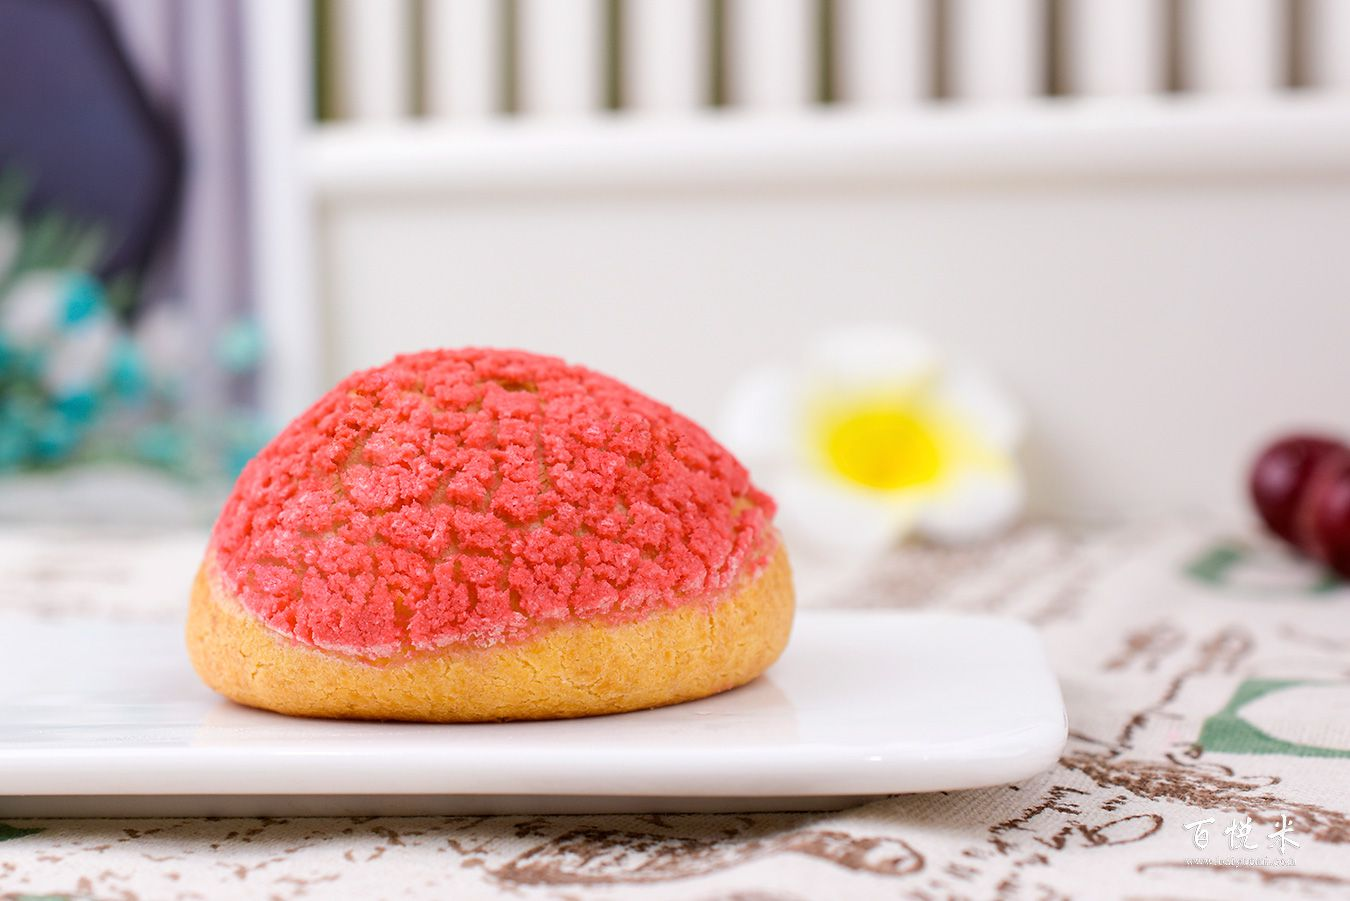 红丝绒泡芙的高清图片大全【蛋糕图片】_274